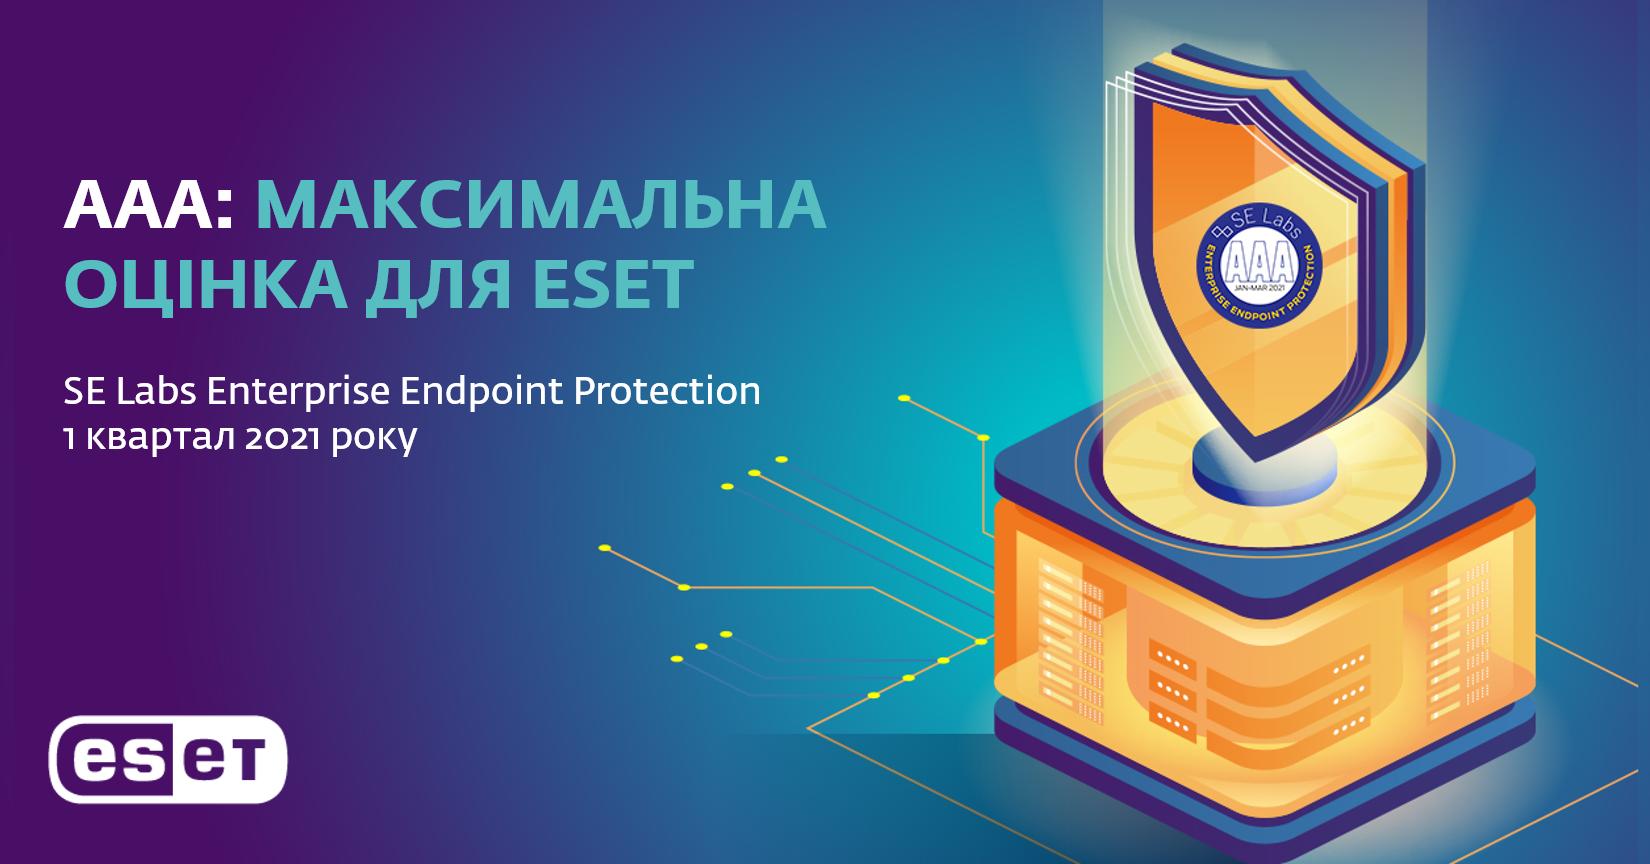 Надійне антивірусне рішення ESET Endpoint Security з провідними технологіями захисту.